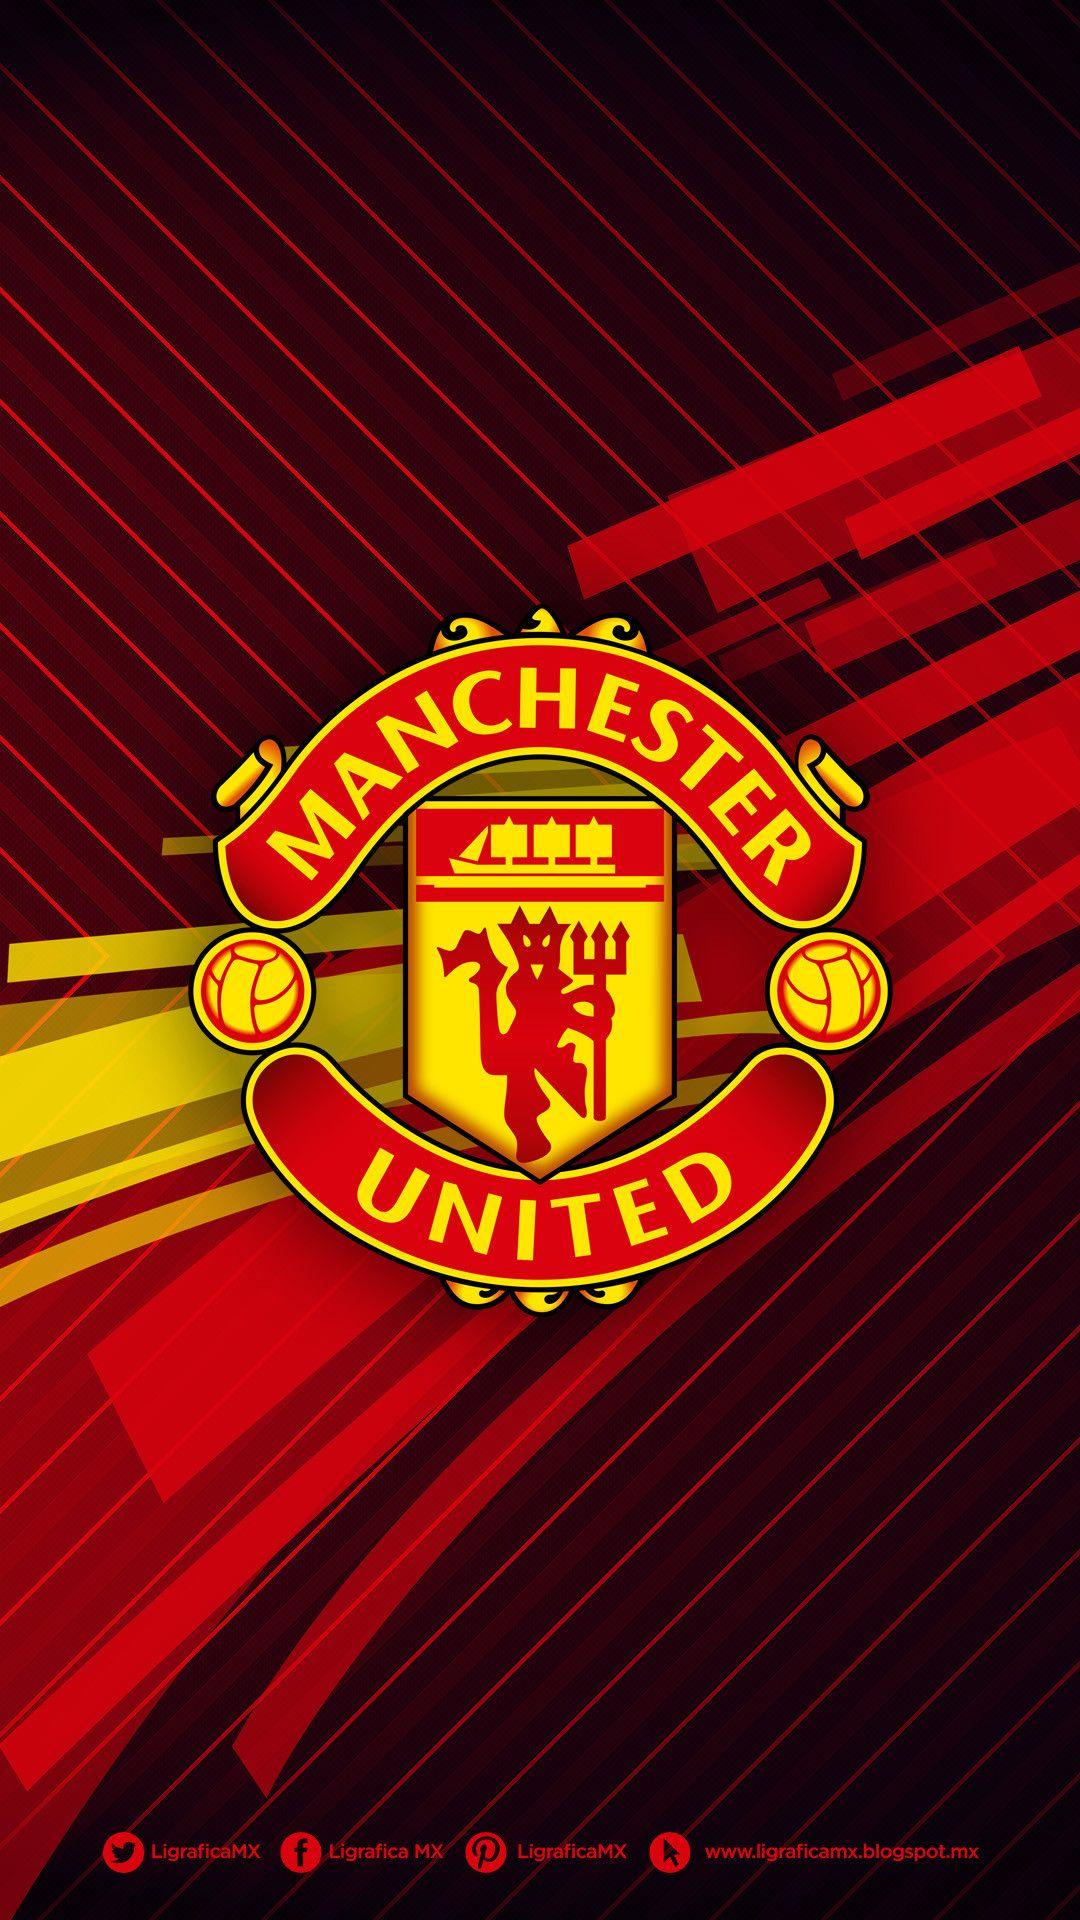 Minimalist Homestuck Image Manchester United Wallpaper Manchester United Wallpapers Iphone Manchester United Logo